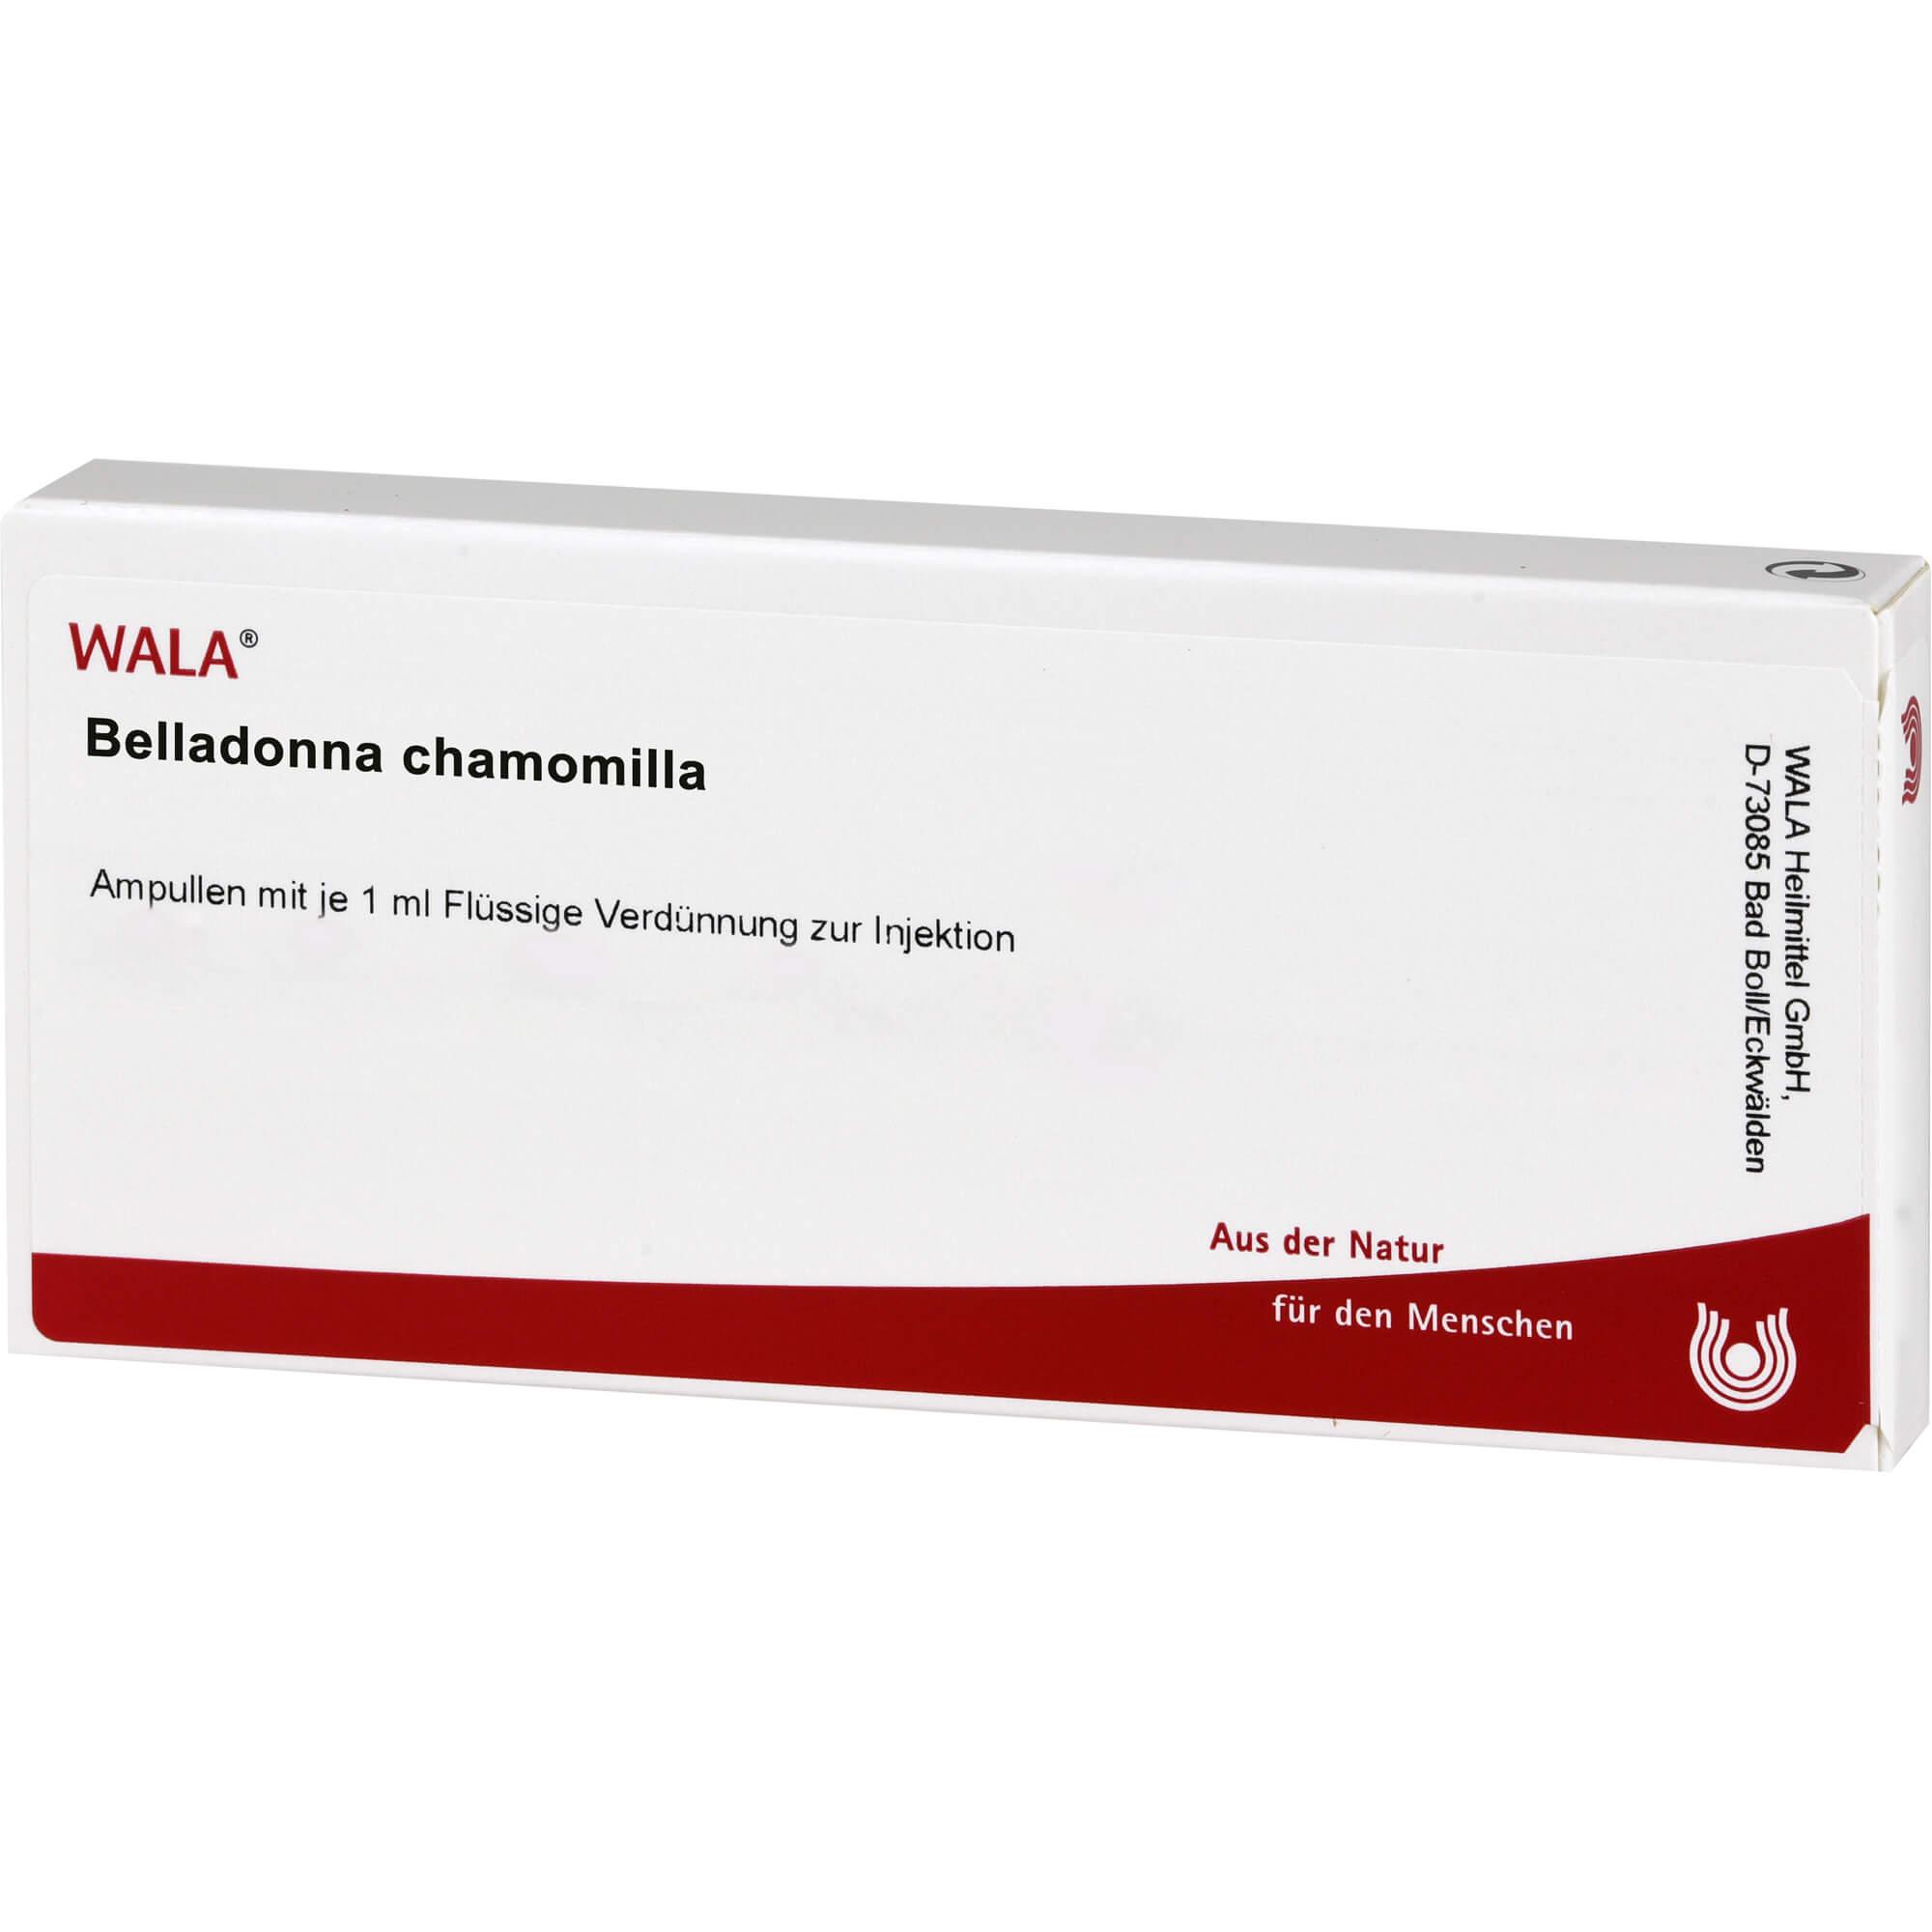 BELLADONNA CHAMOMILLA Ampullen